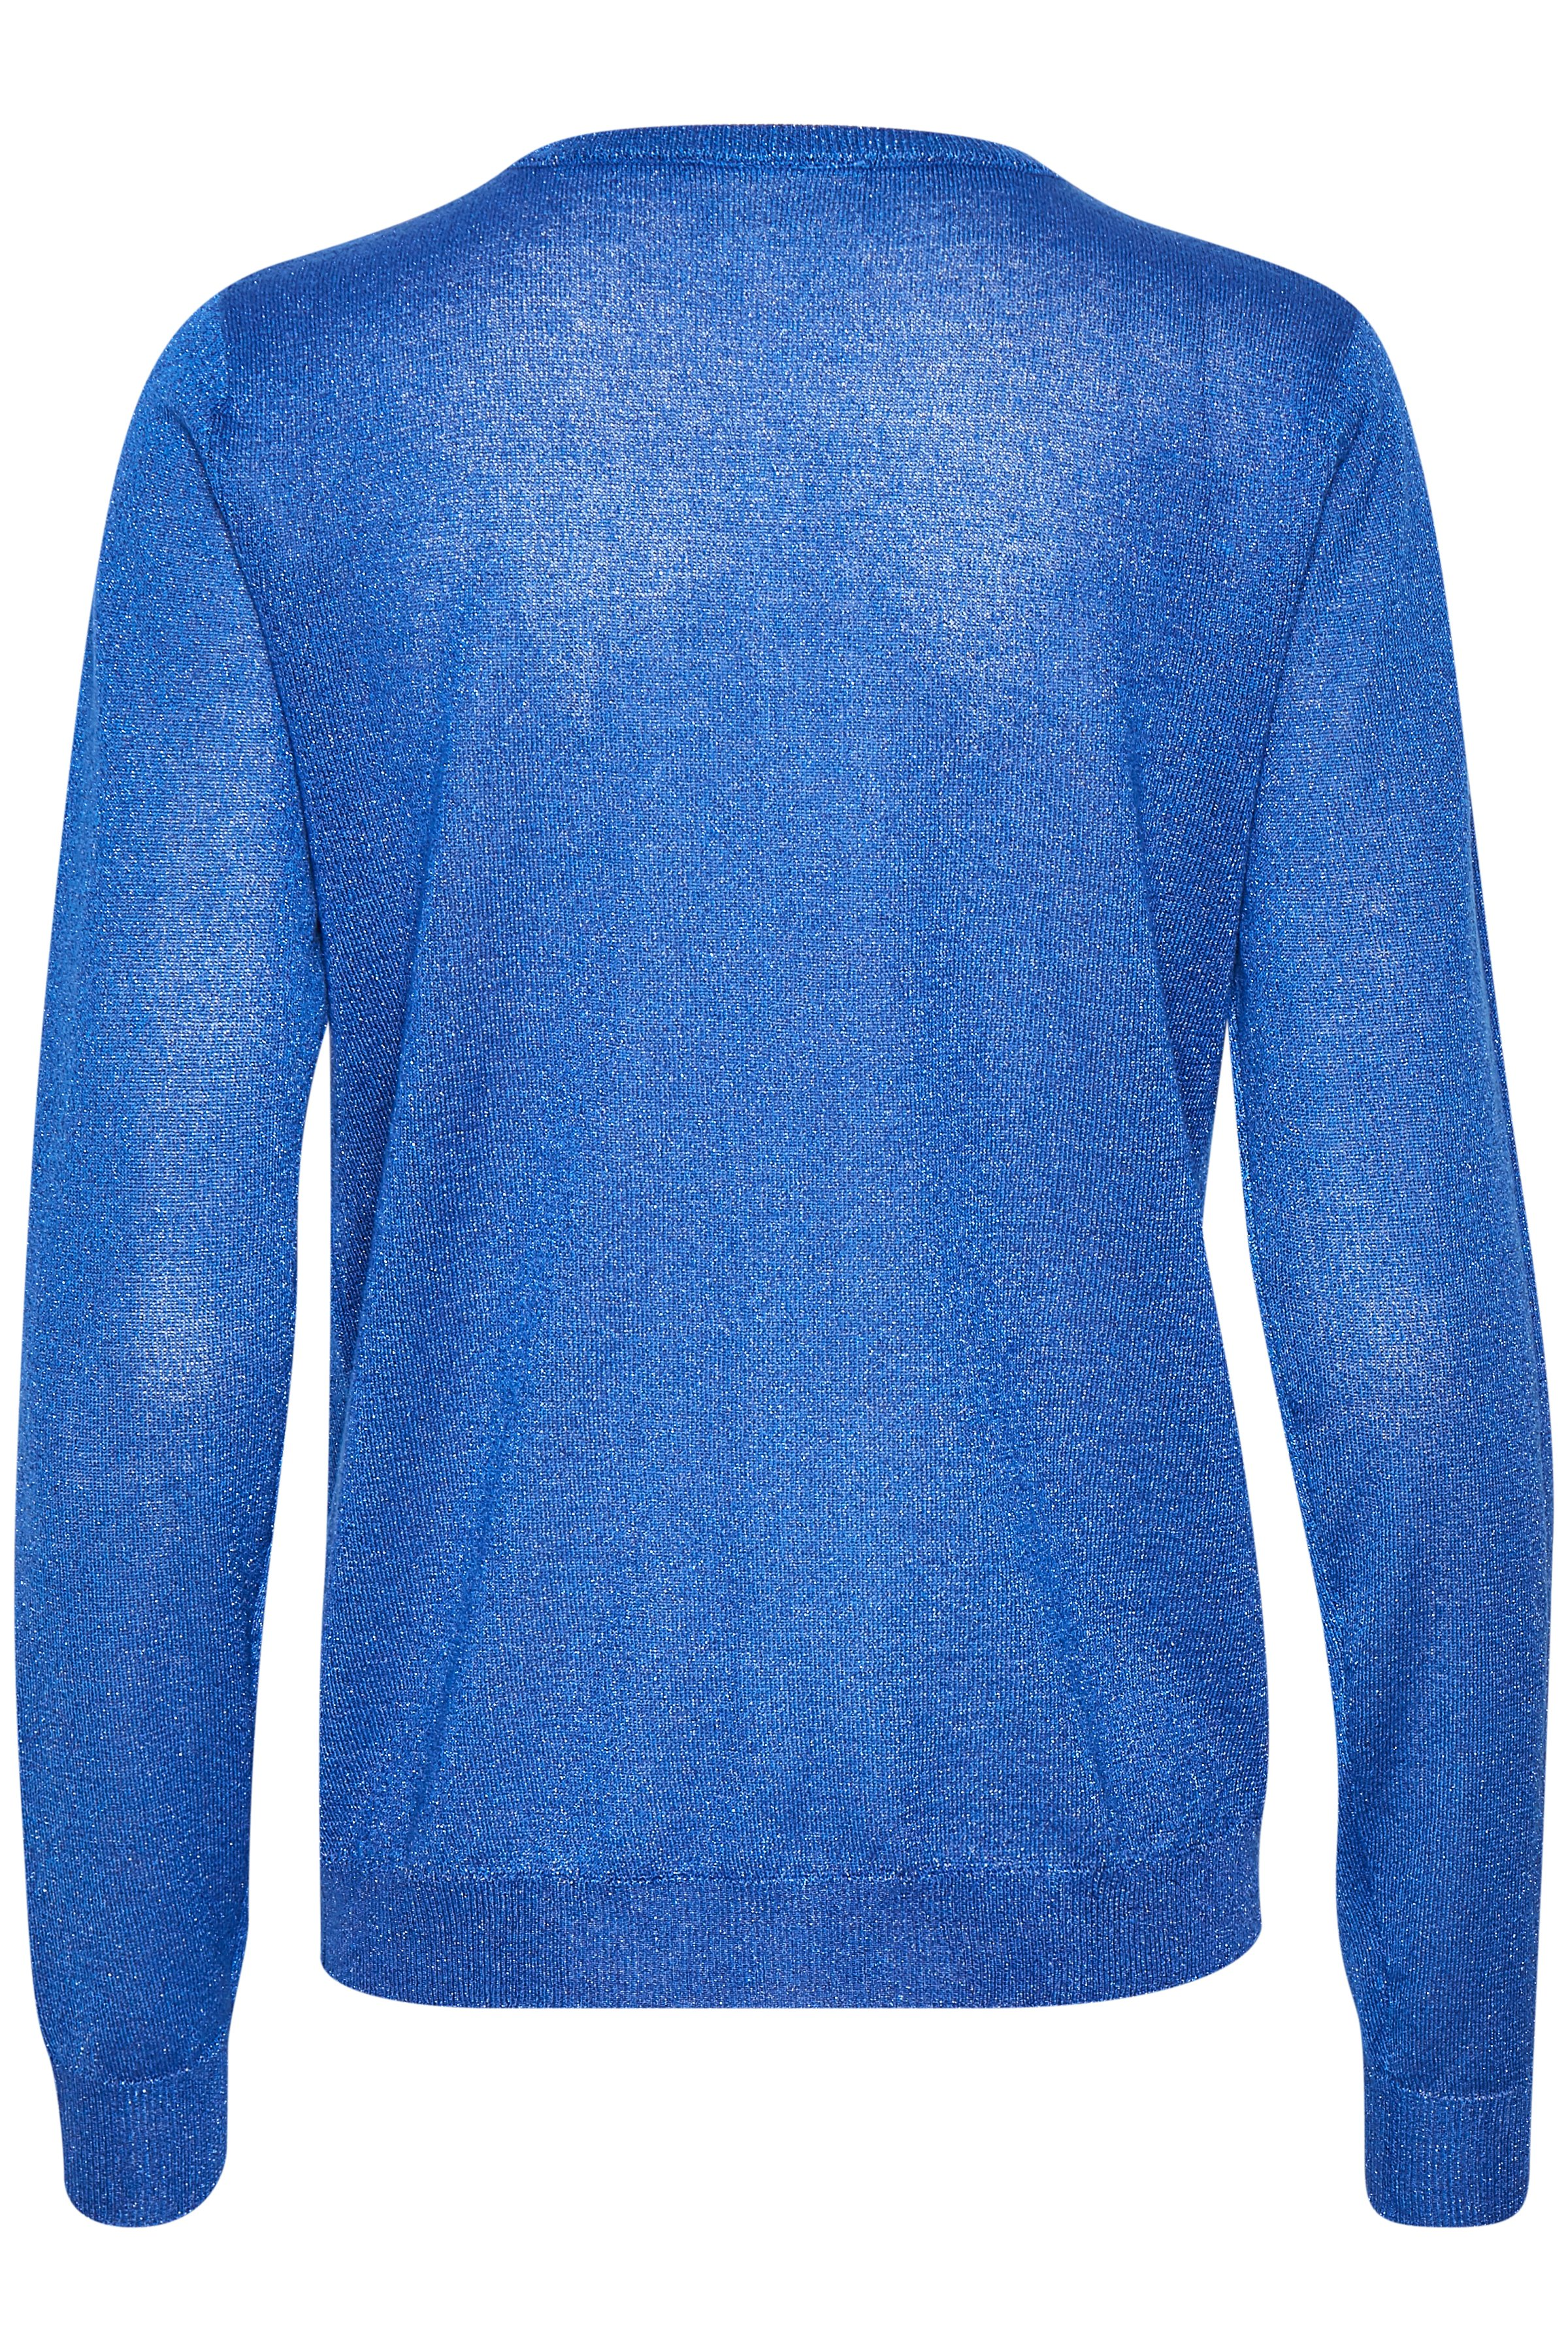 Blue Iolite Strick-Cardigan von Kaffe – Shoppen Sie Blue Iolite Strick-Cardigan ab Gr. XS-XXL hier